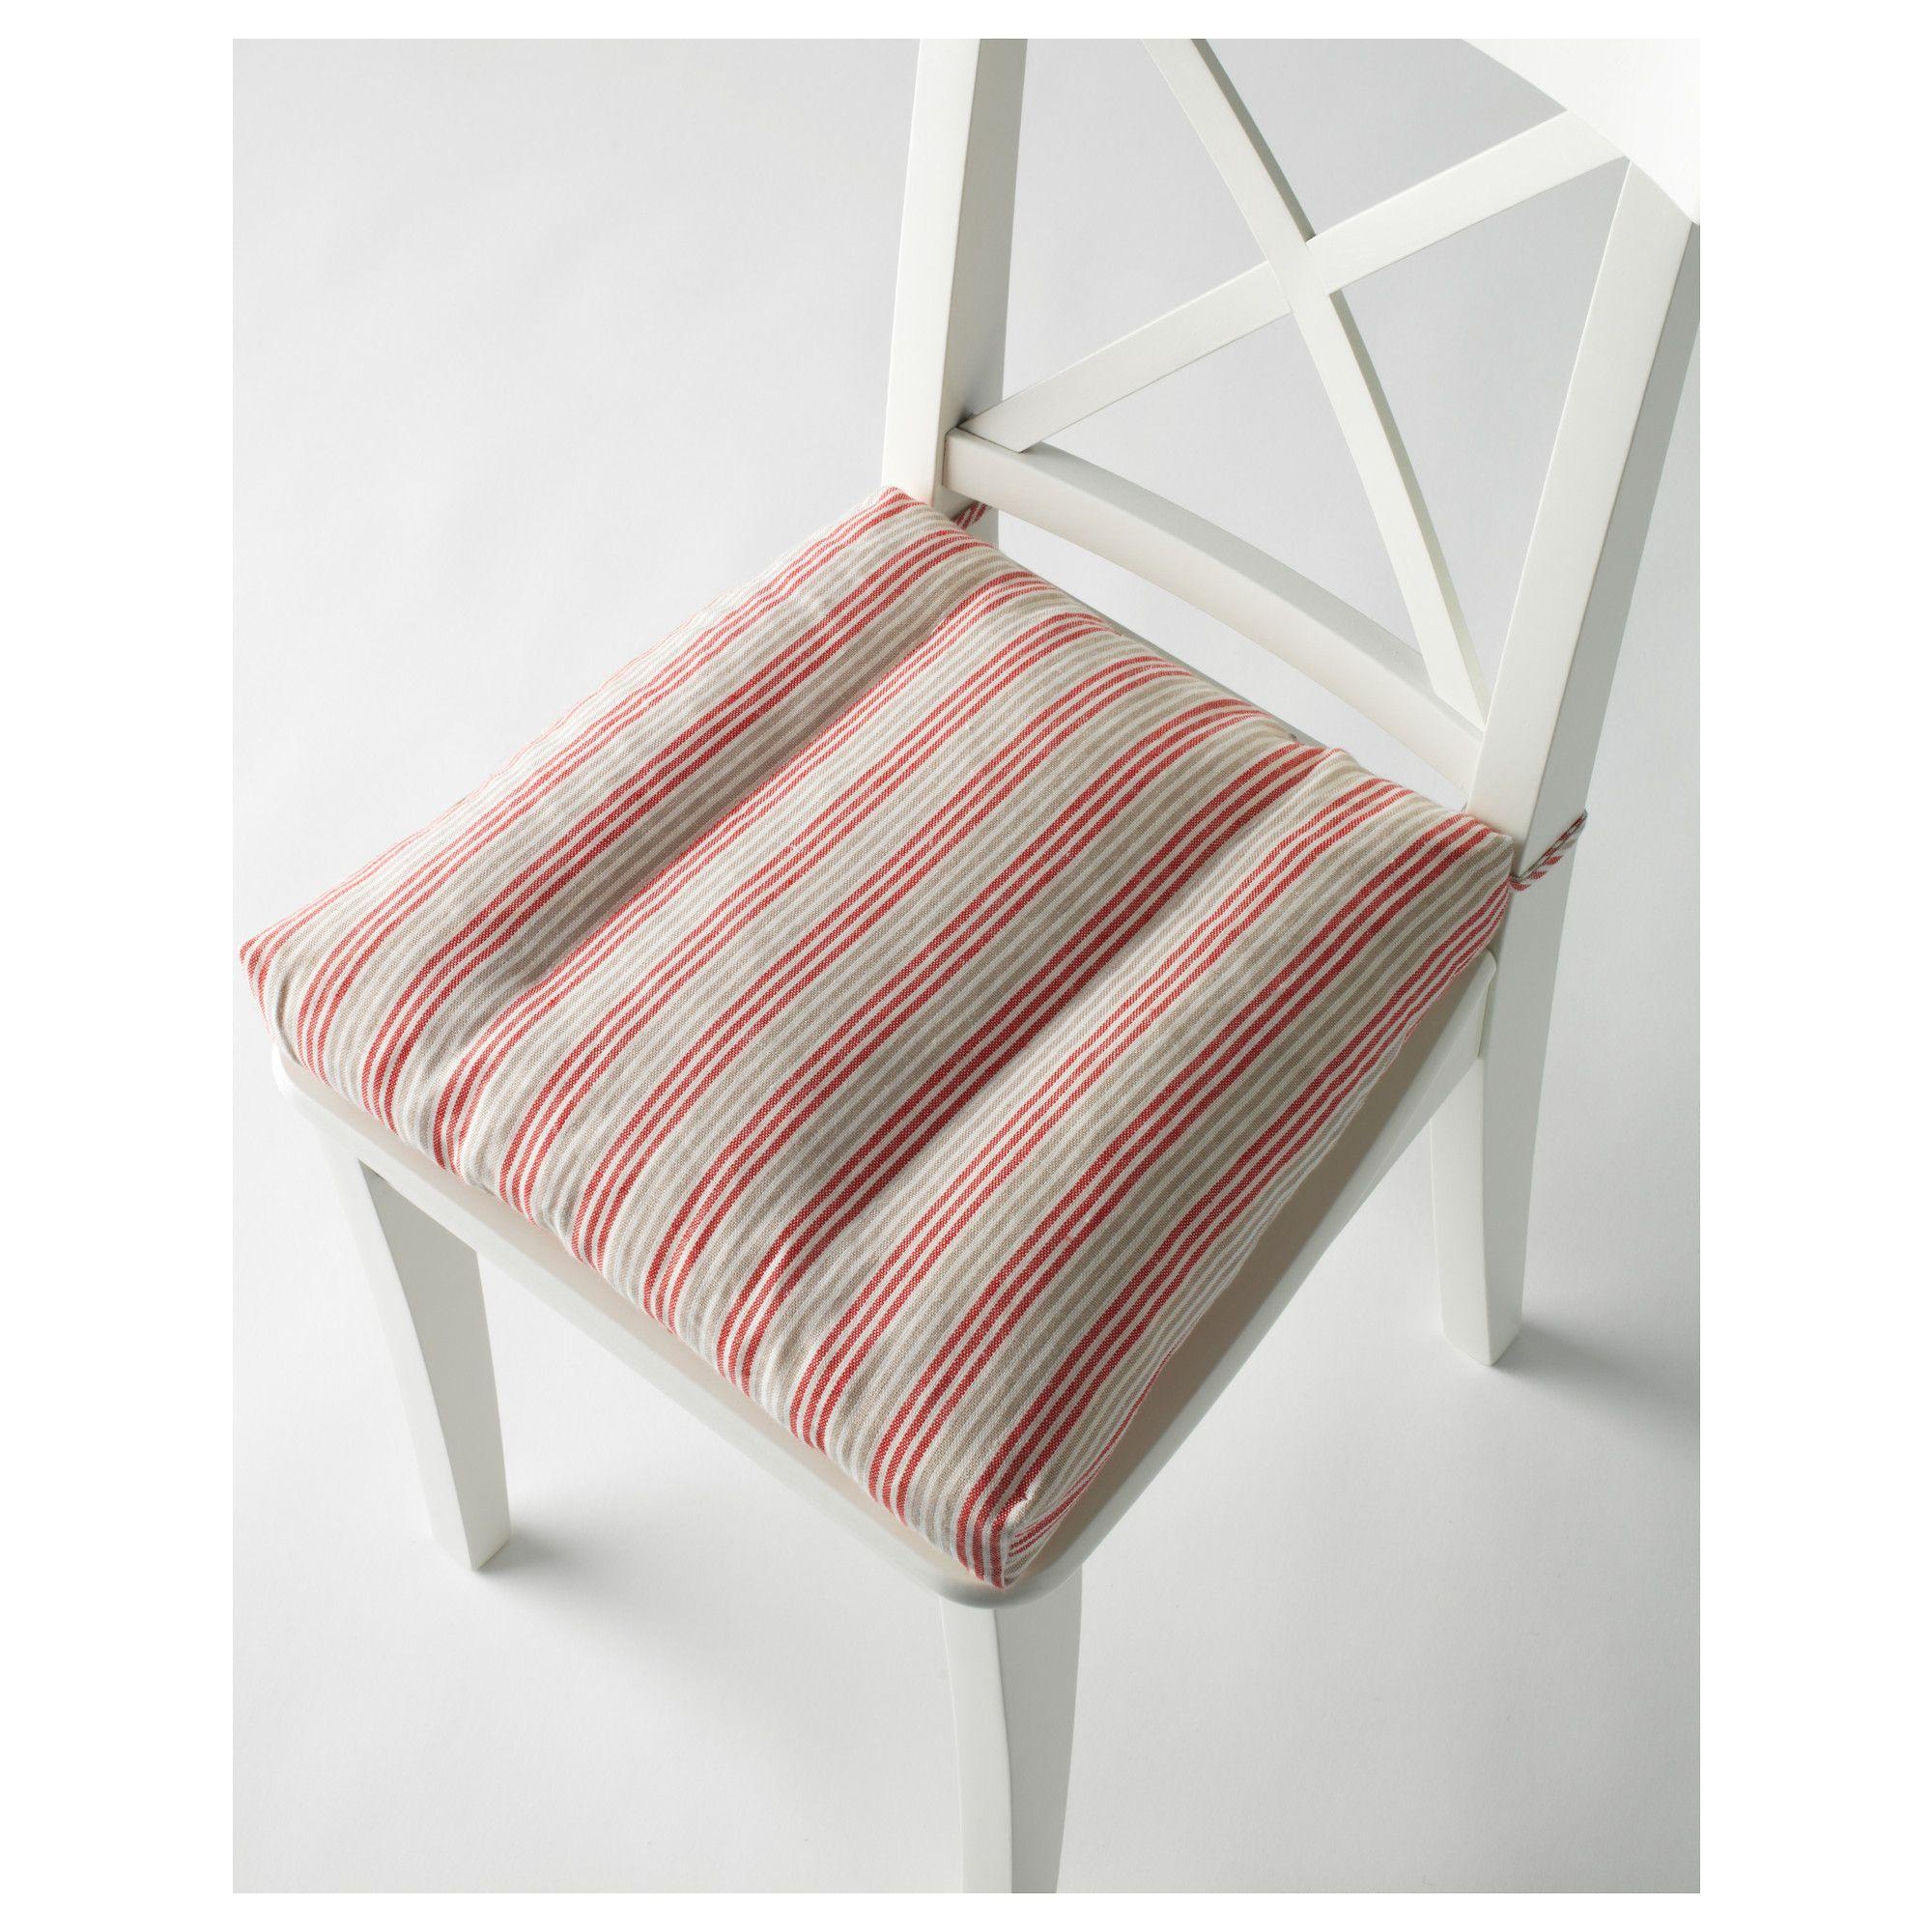 того, каким сидушки на стулья икеа фото первые кандалы